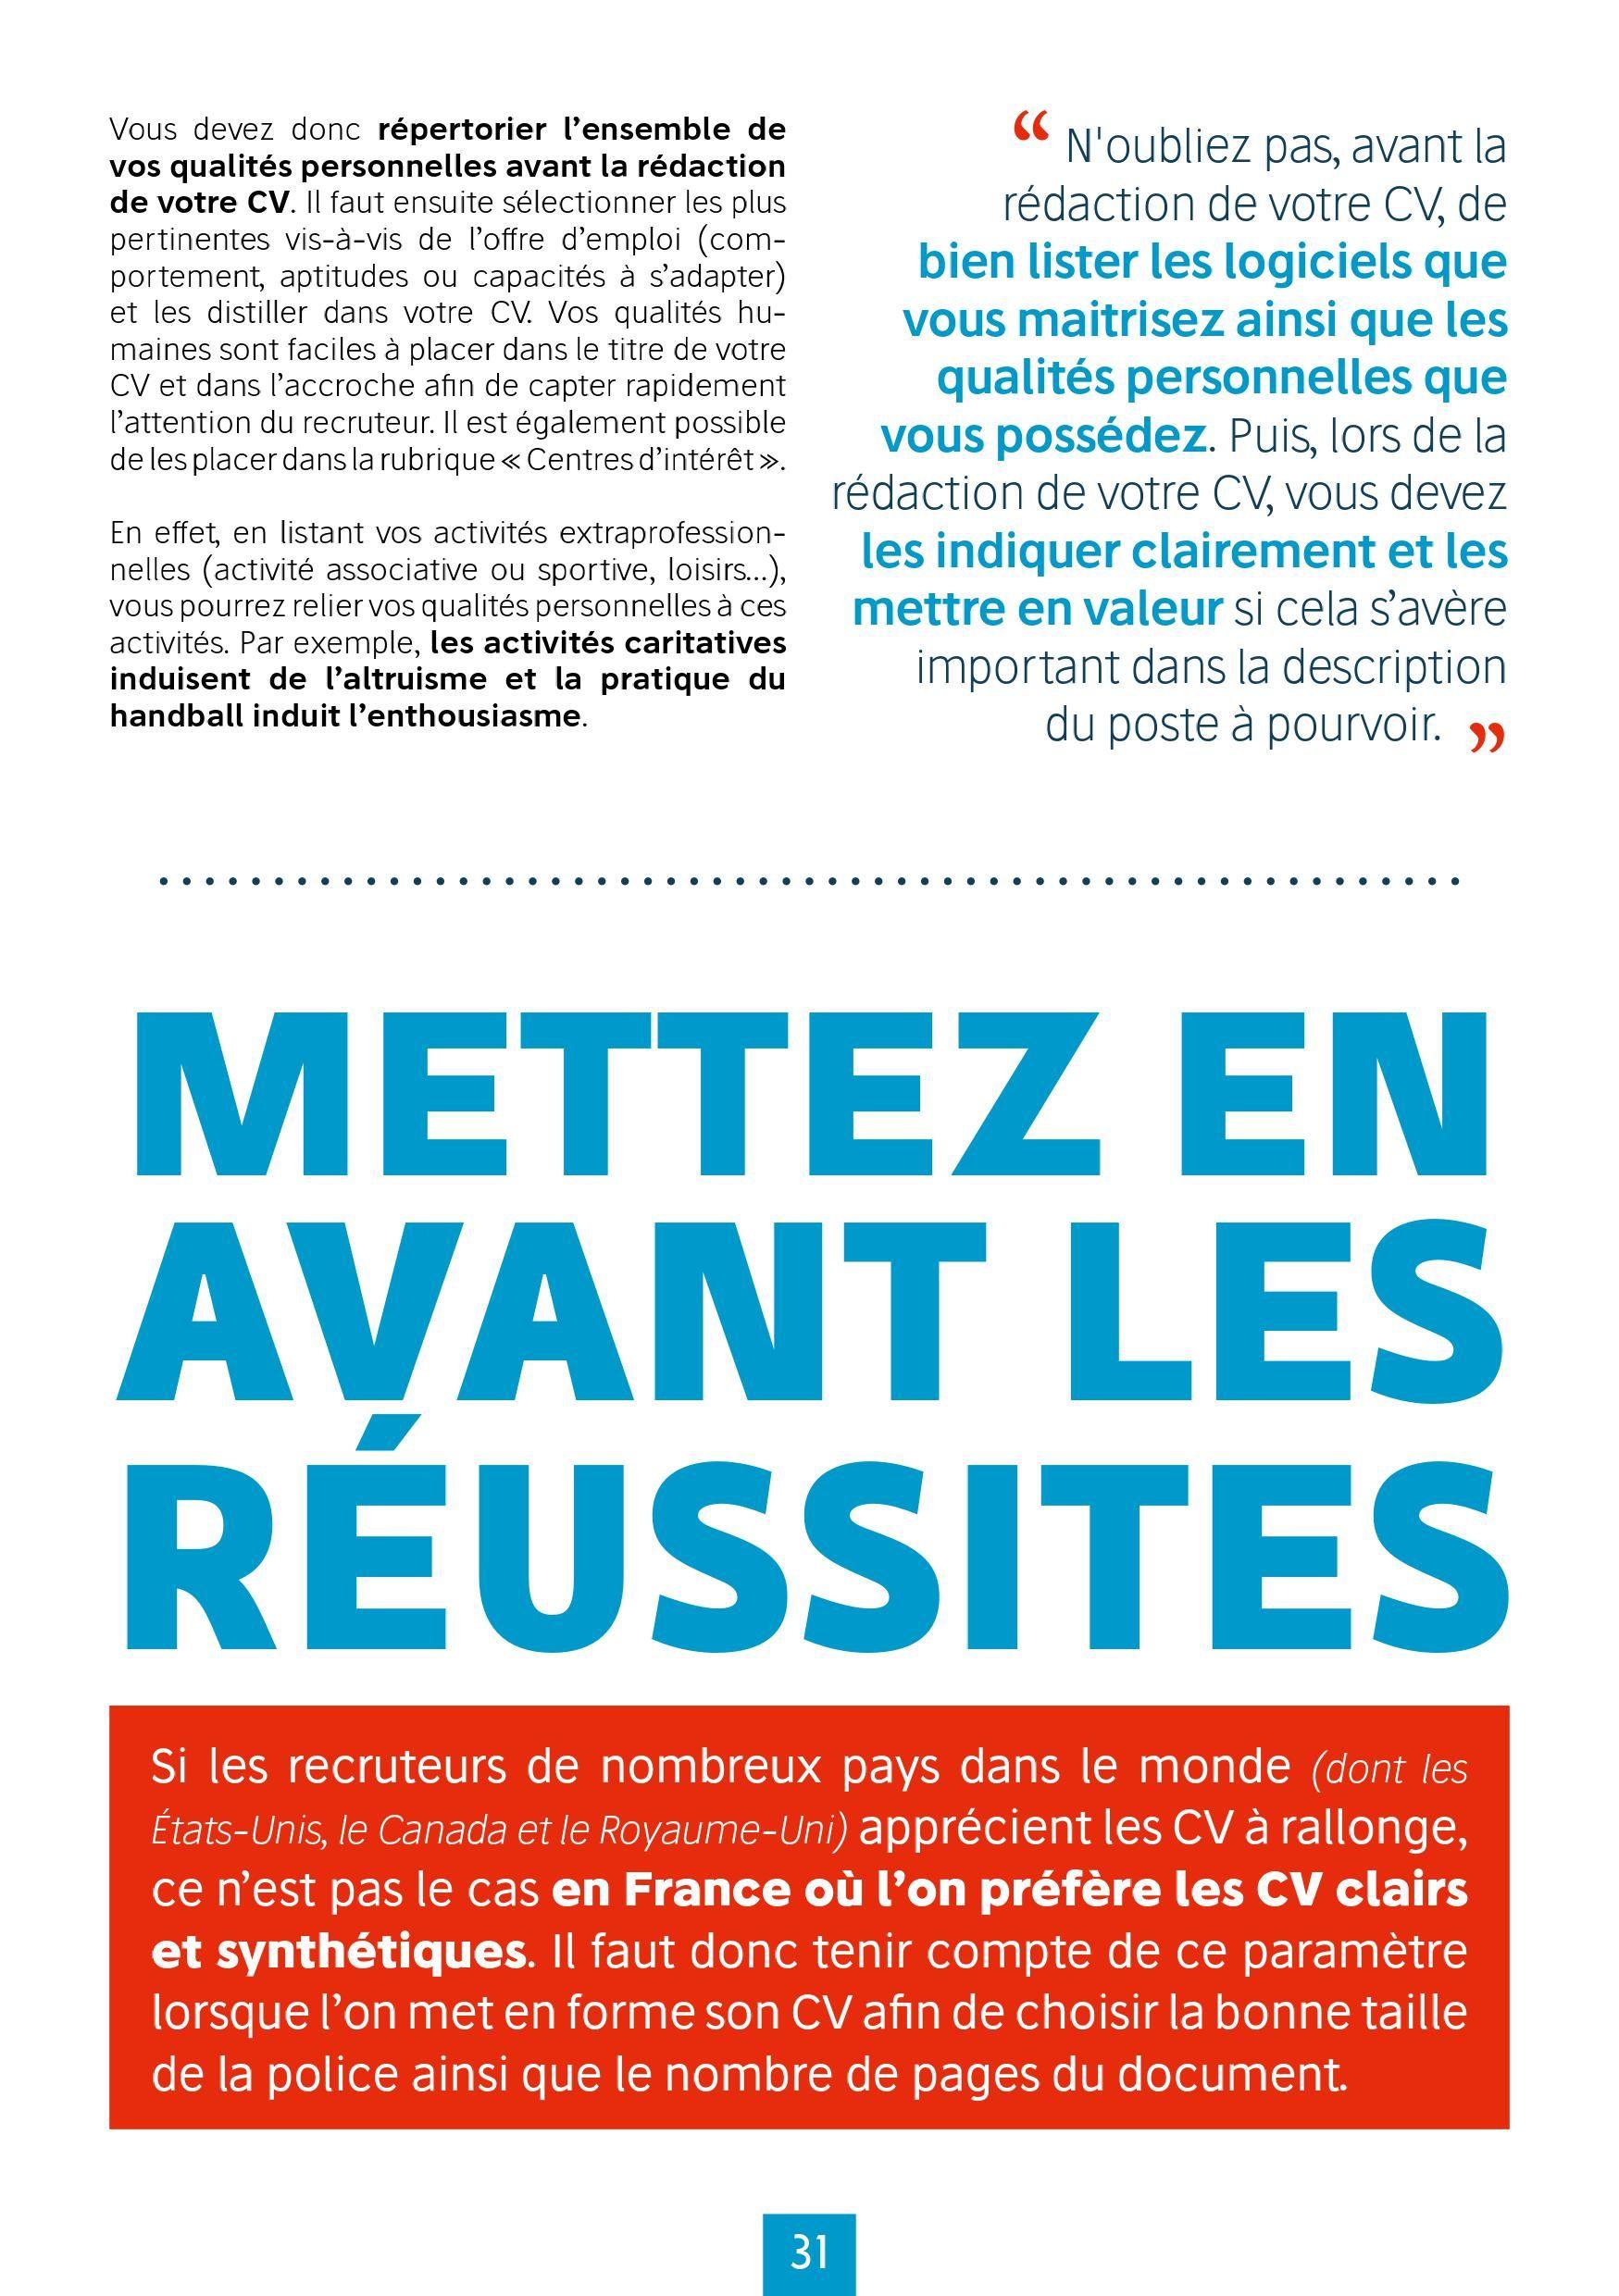 Epingle Par My Cv Factory Sur Ebook 15 Idees Pour Un Cv Qui Cartonne Offre Emploi Qualite Personnelle Le Cv